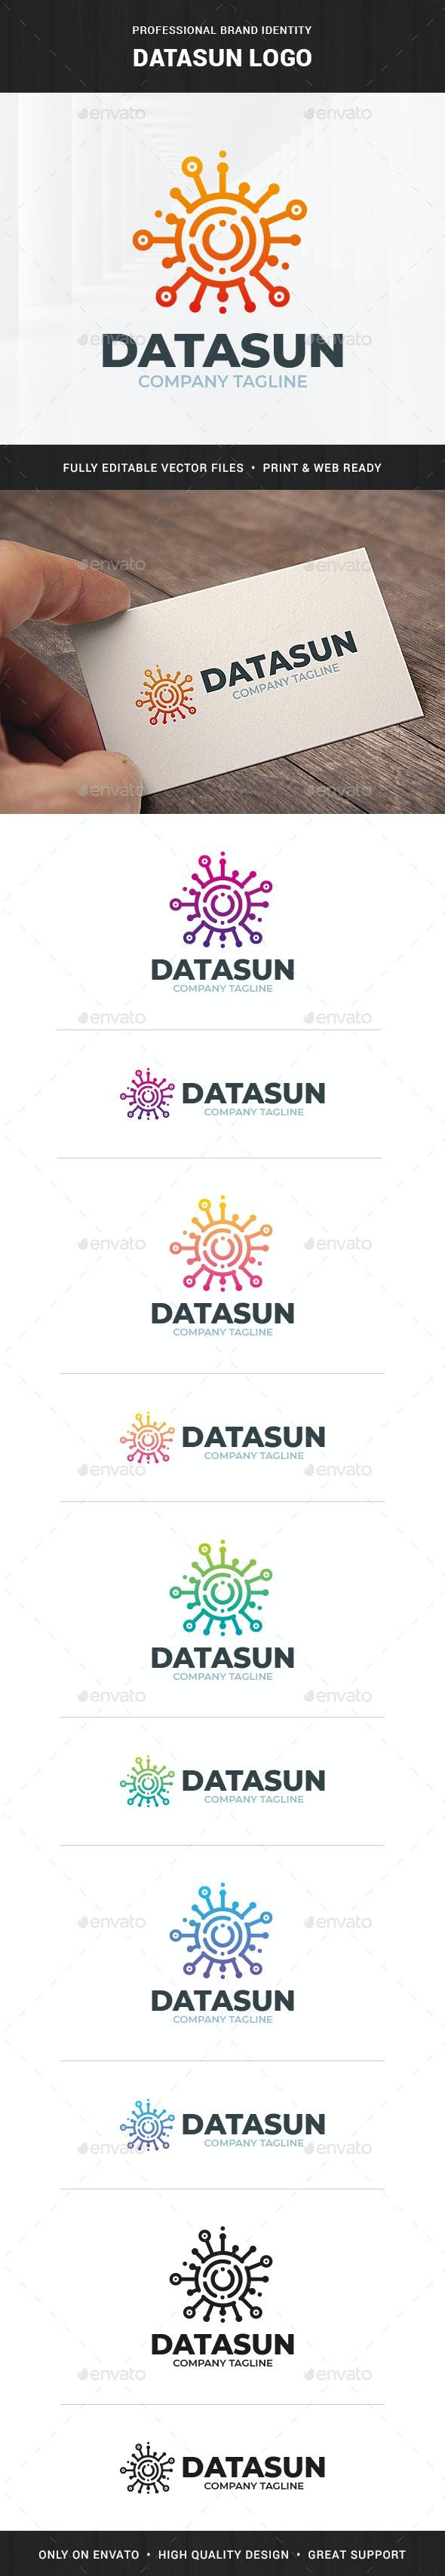 Datasun Logo Template - Abstract Logo Templates